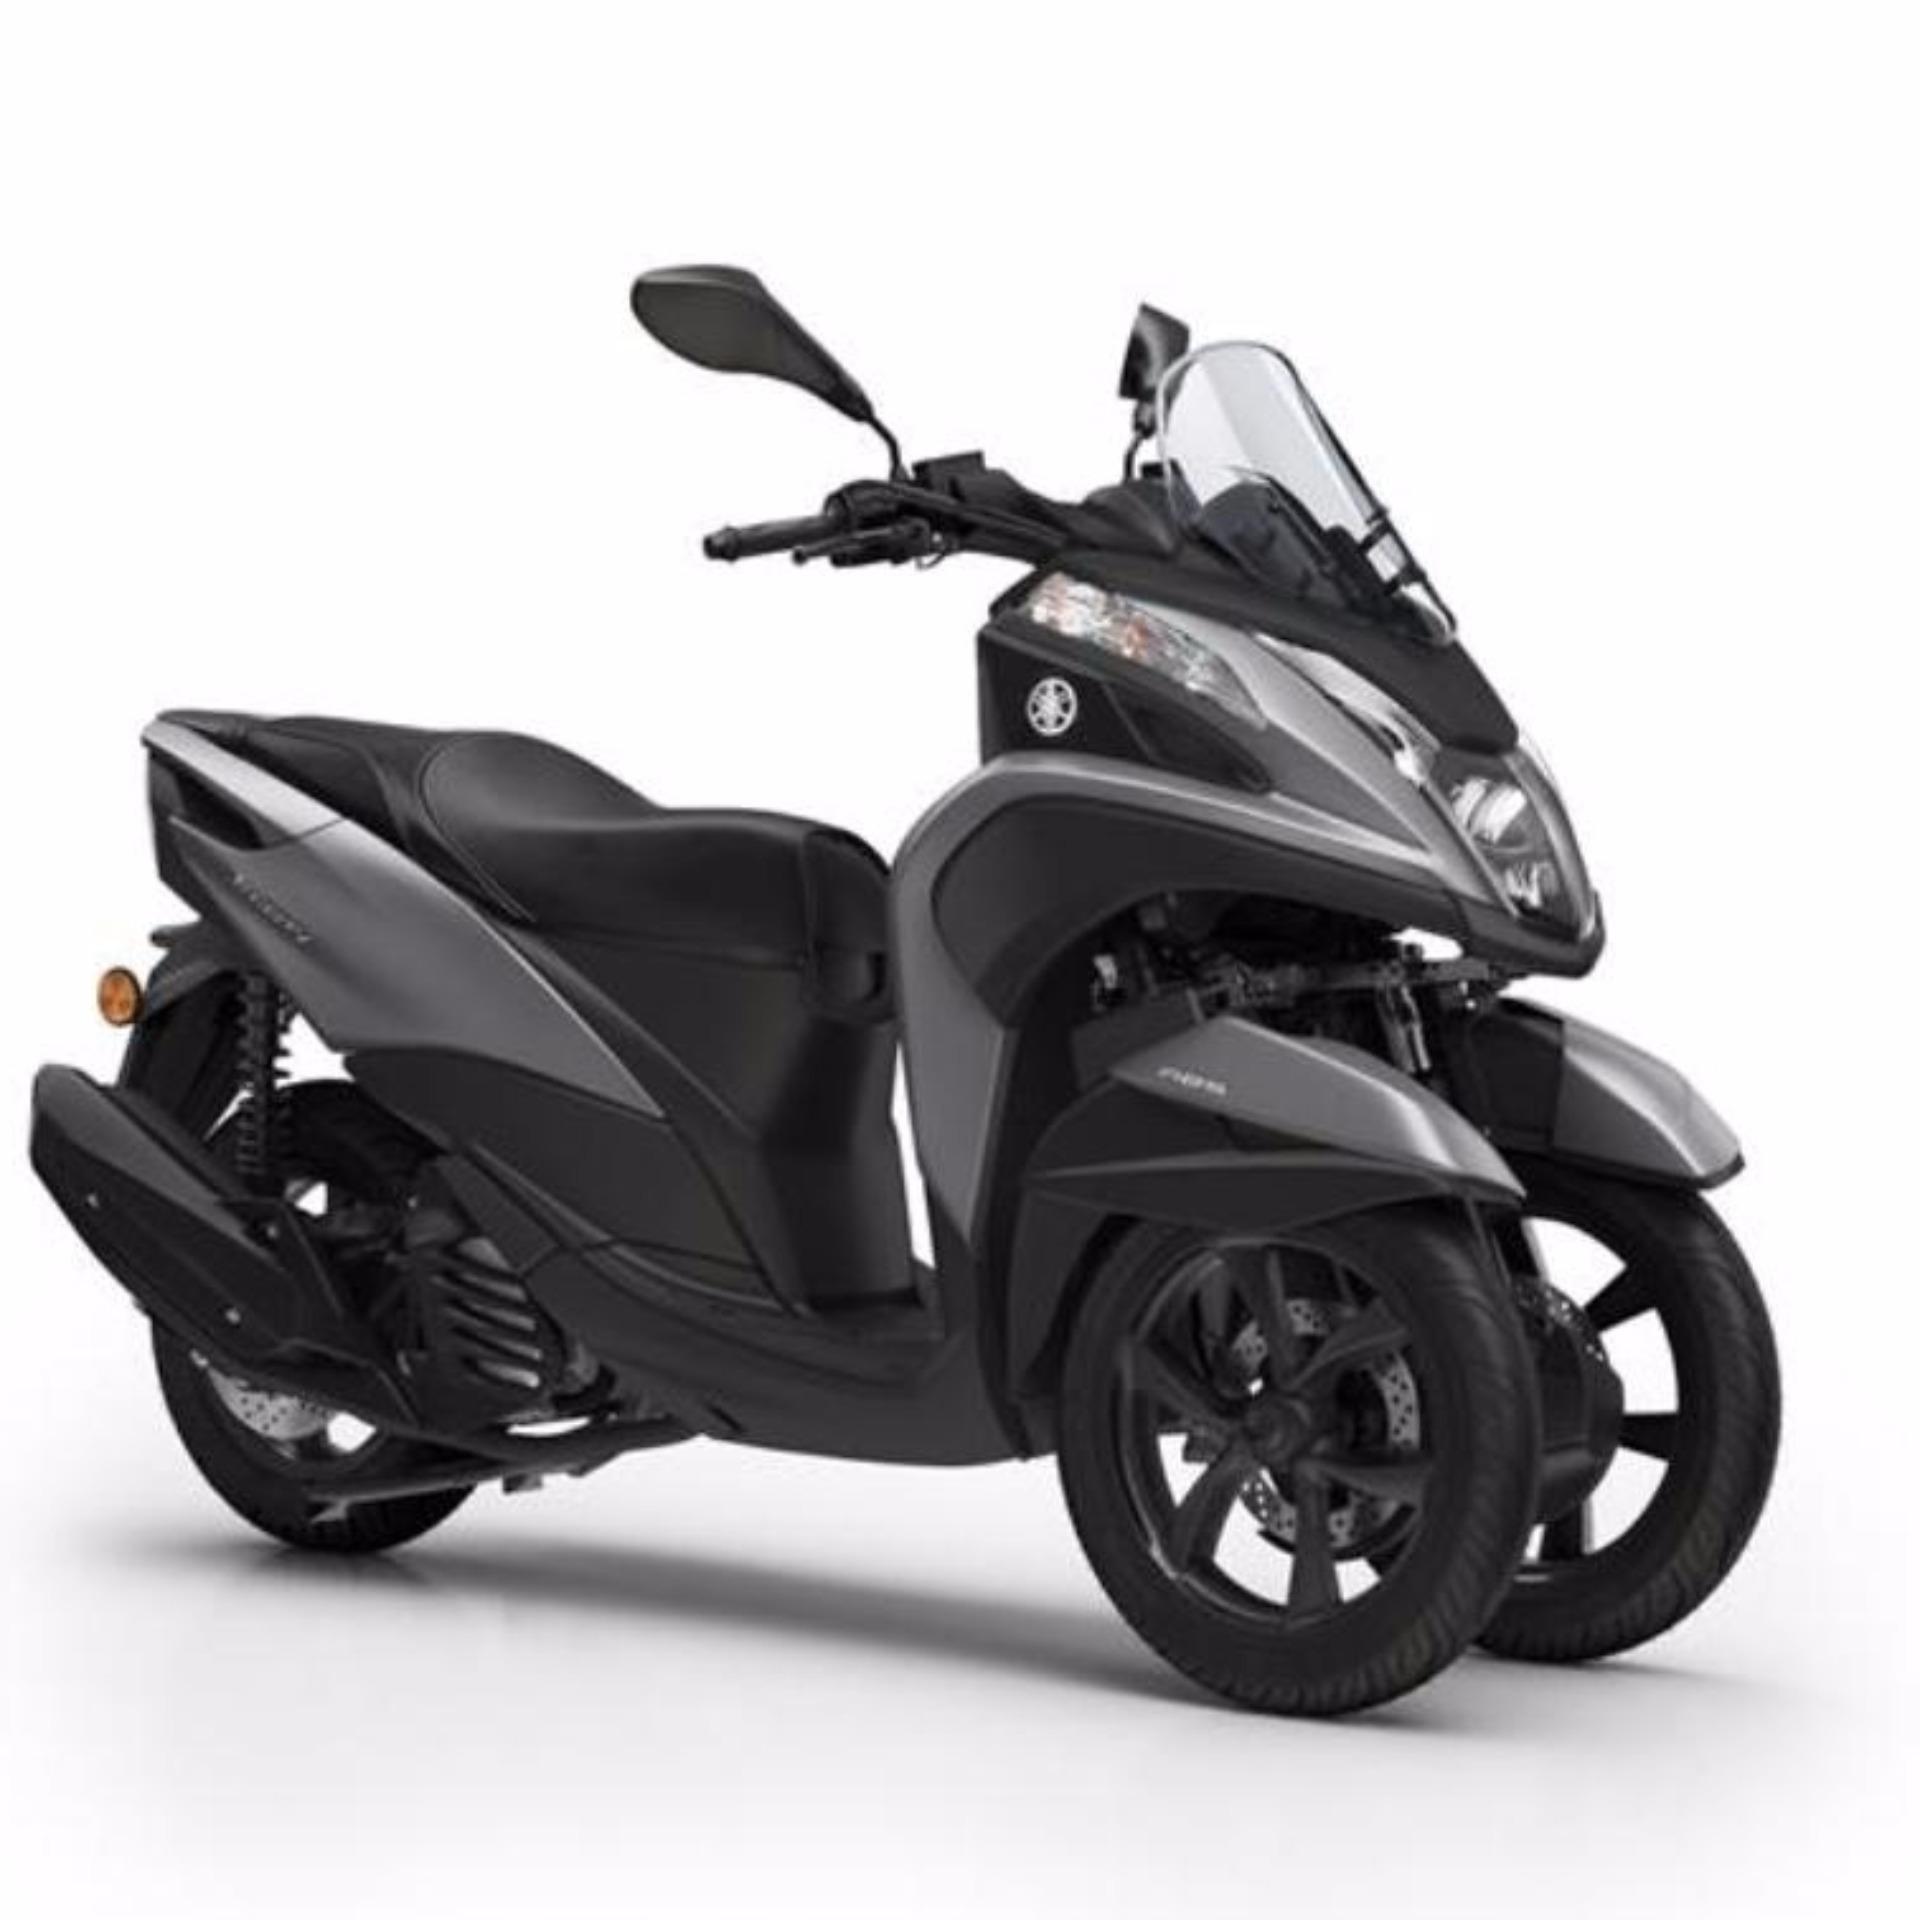 Honda All New Beat Esp Fi Pop Comic Cw Tone Black Vario 110 Cbs Grande White Kota Semarang Menggunakan Pembakaran Tsi Dan Vva Yamaha Mew Tricity 155 2016